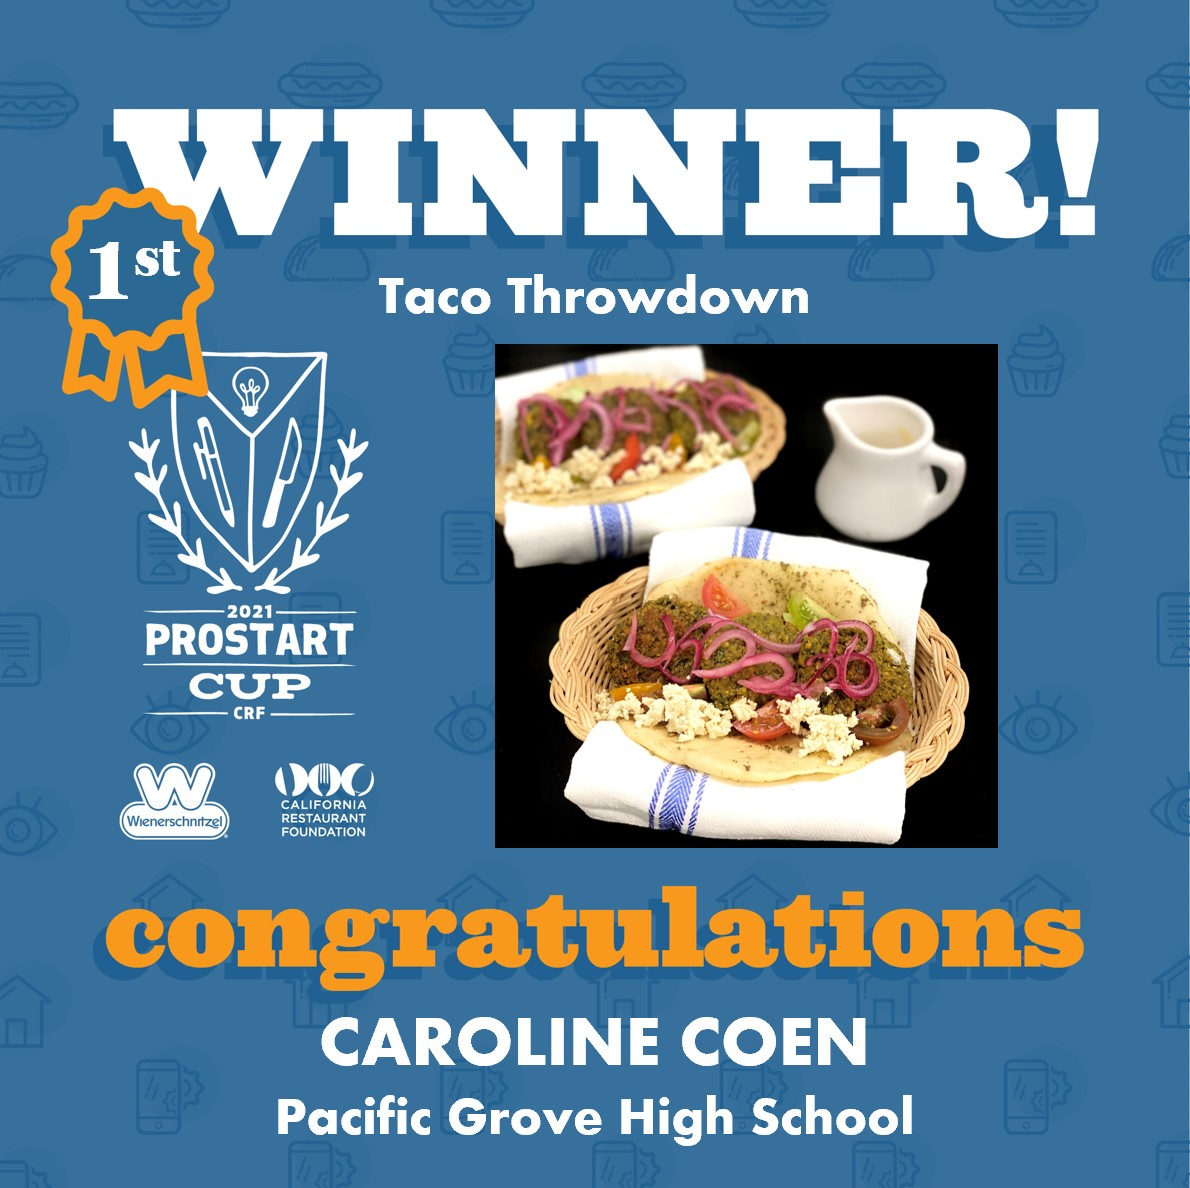 2021 ProStart Winner - Taco - 1st Place